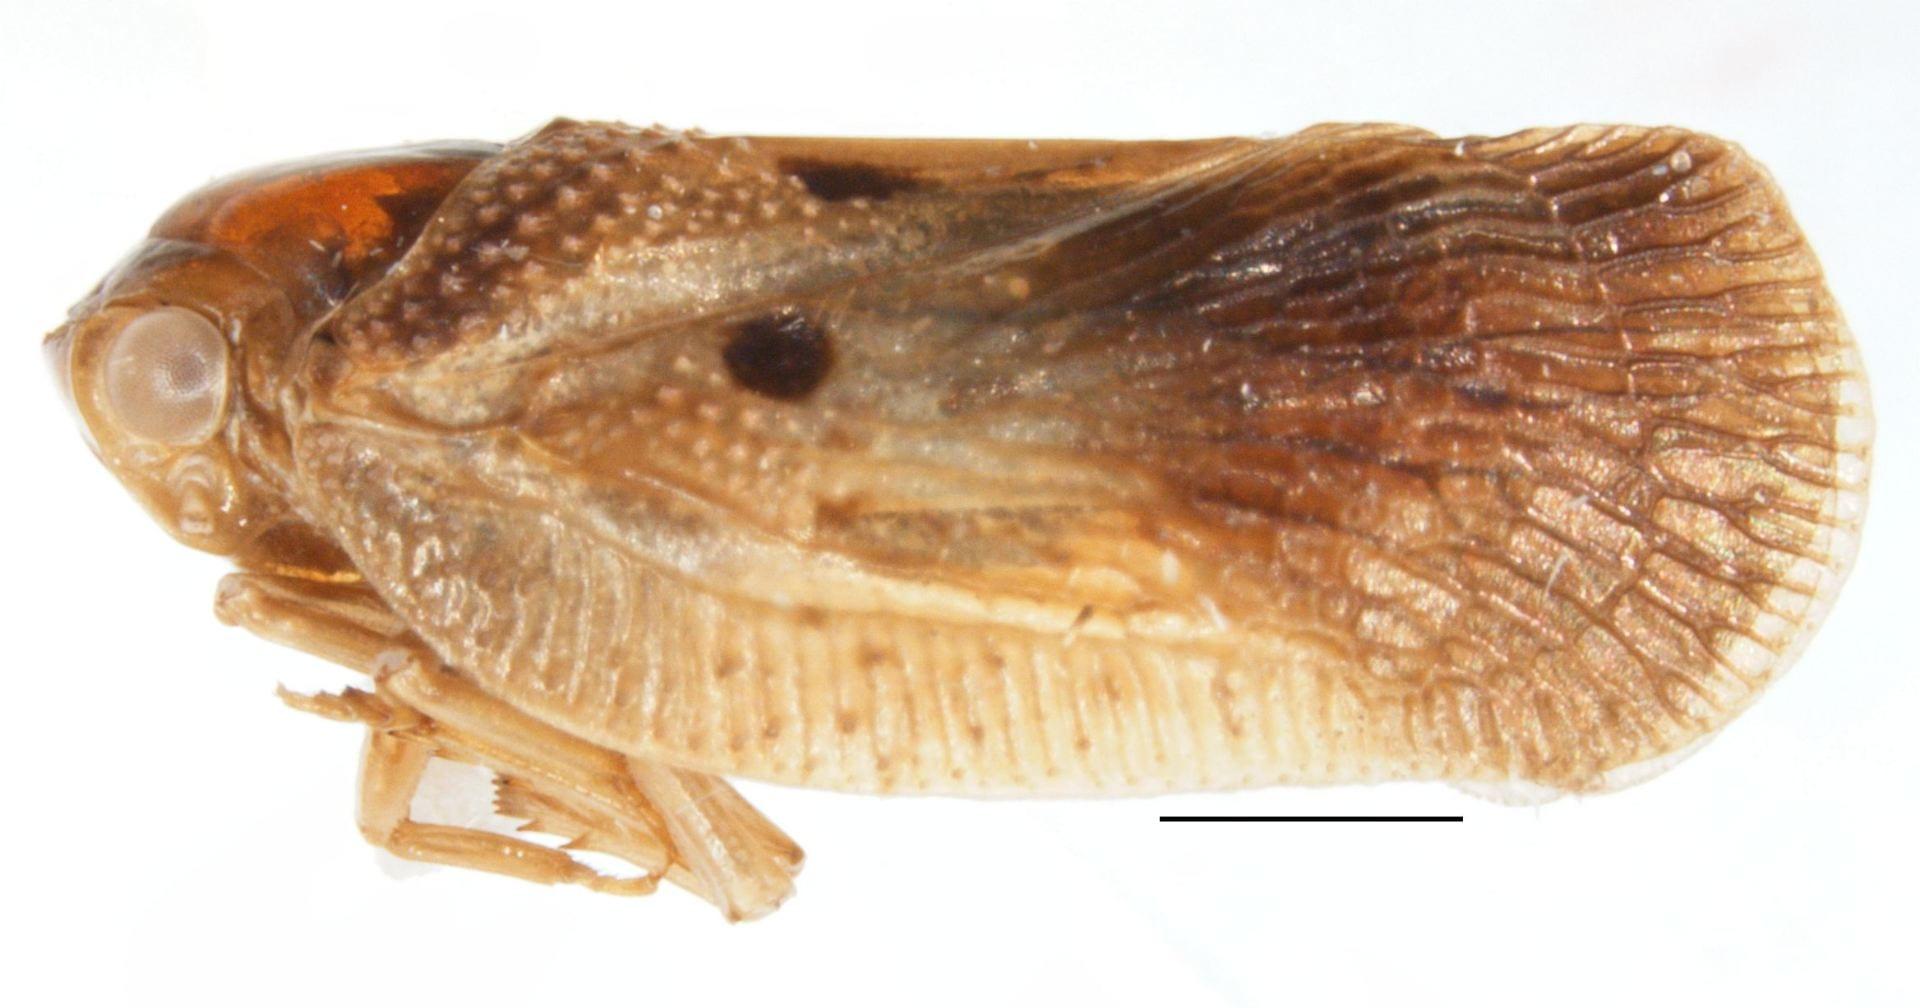 Melormenis basalis